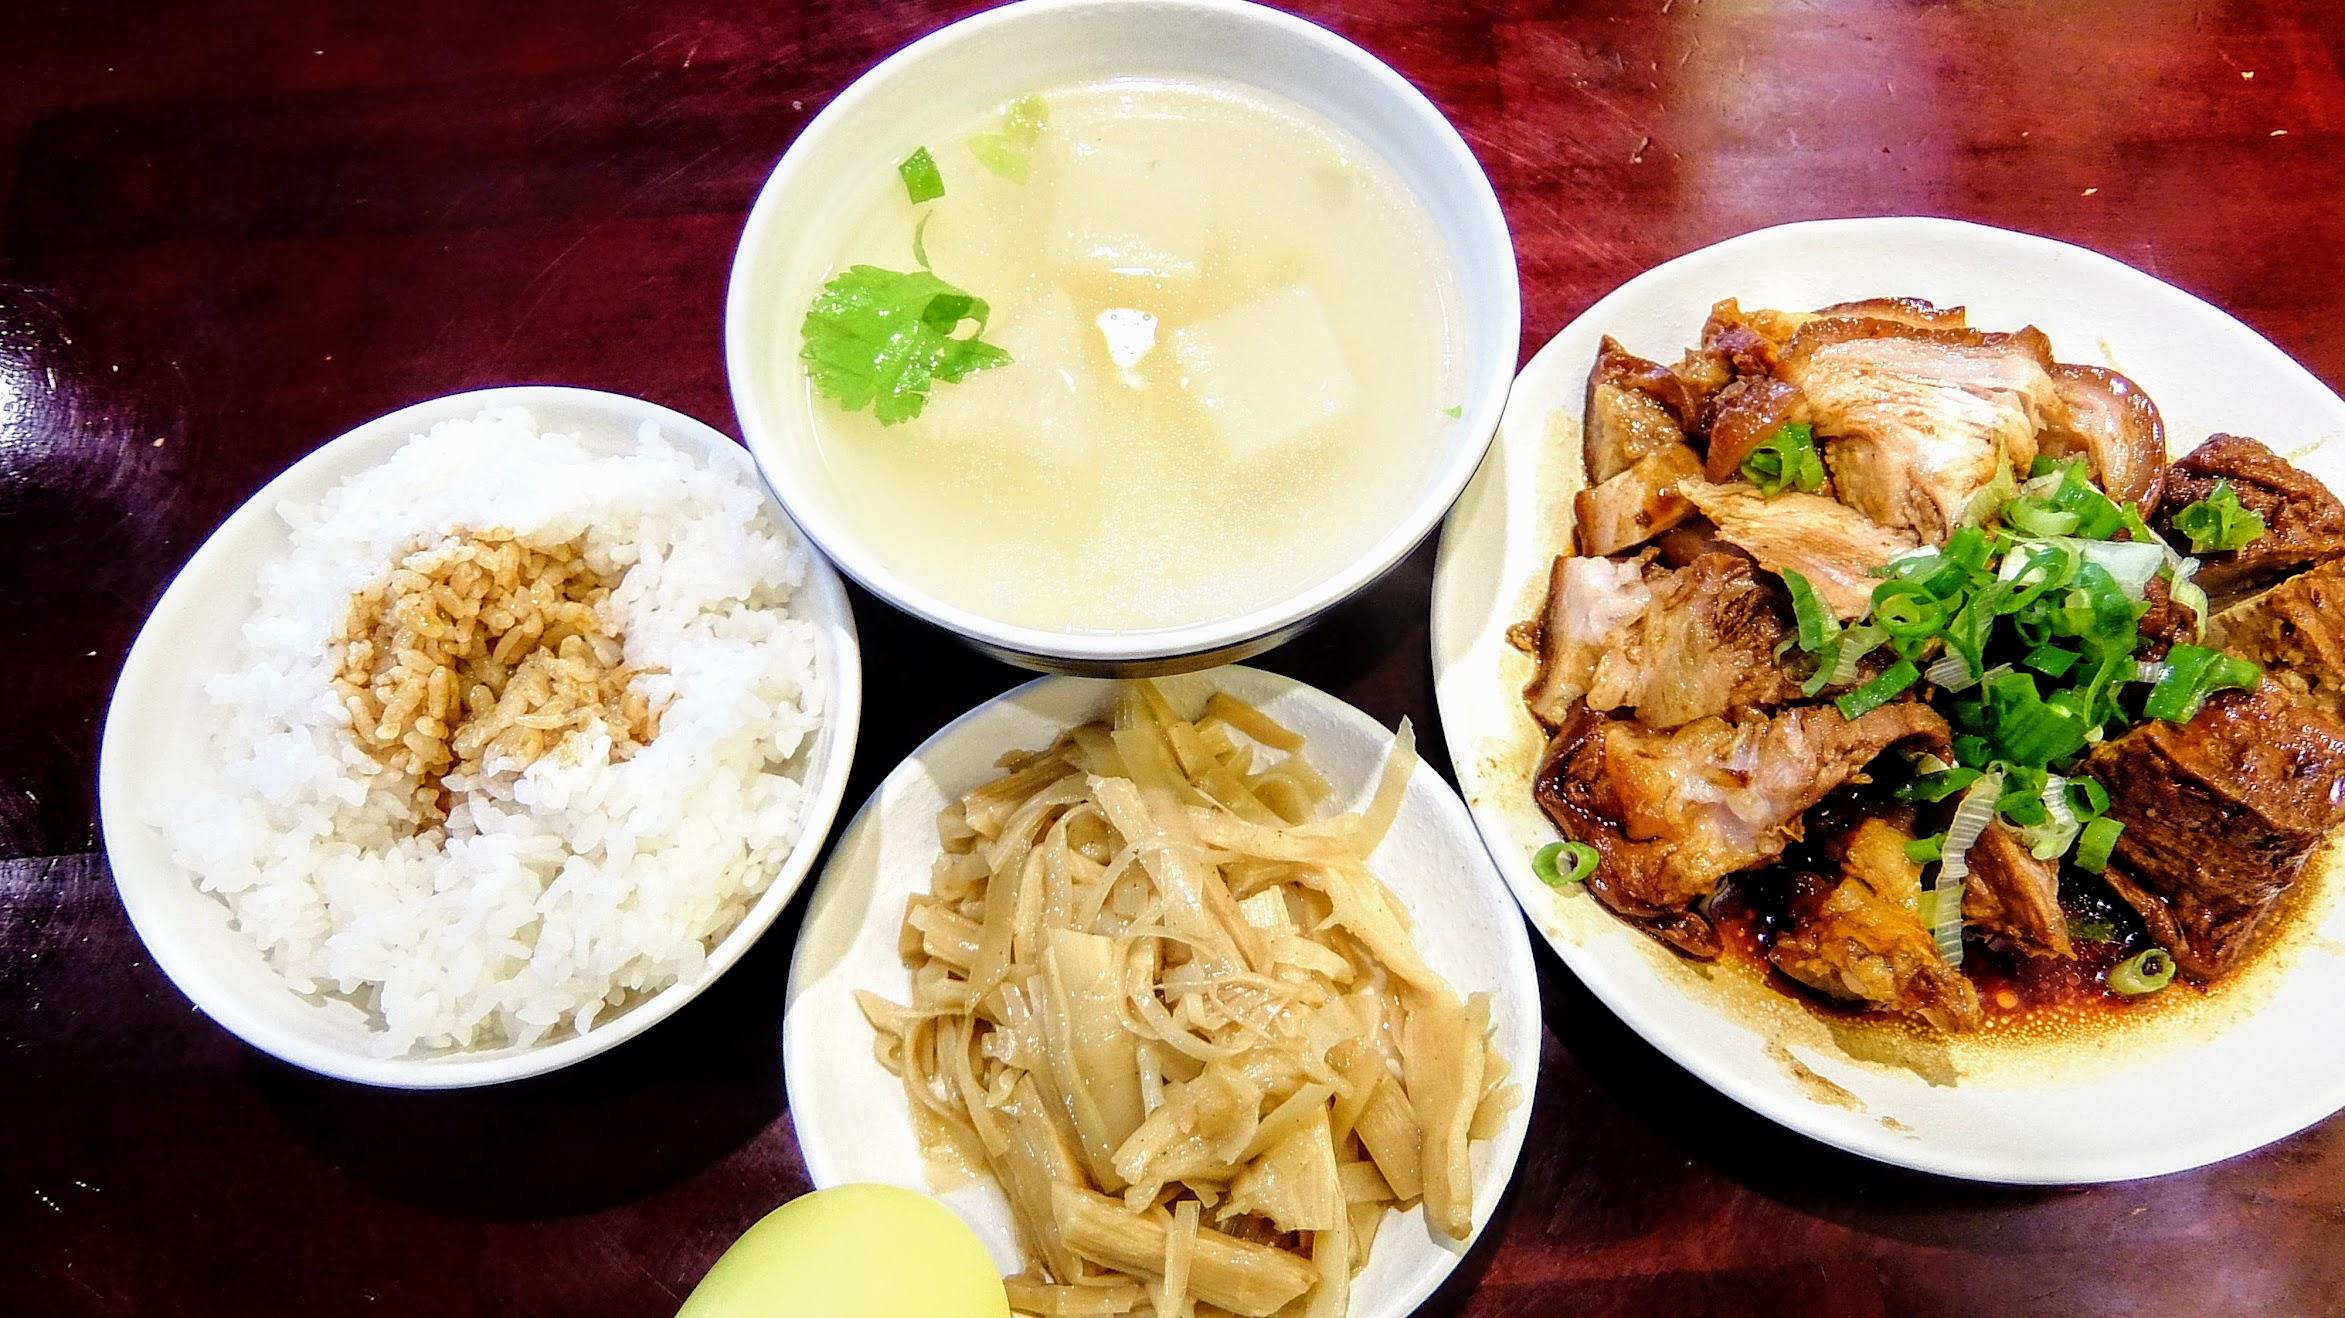 這樣一套120元,有主餐,有湯,有筍乾,有白飯,吃得飽通通的啊!